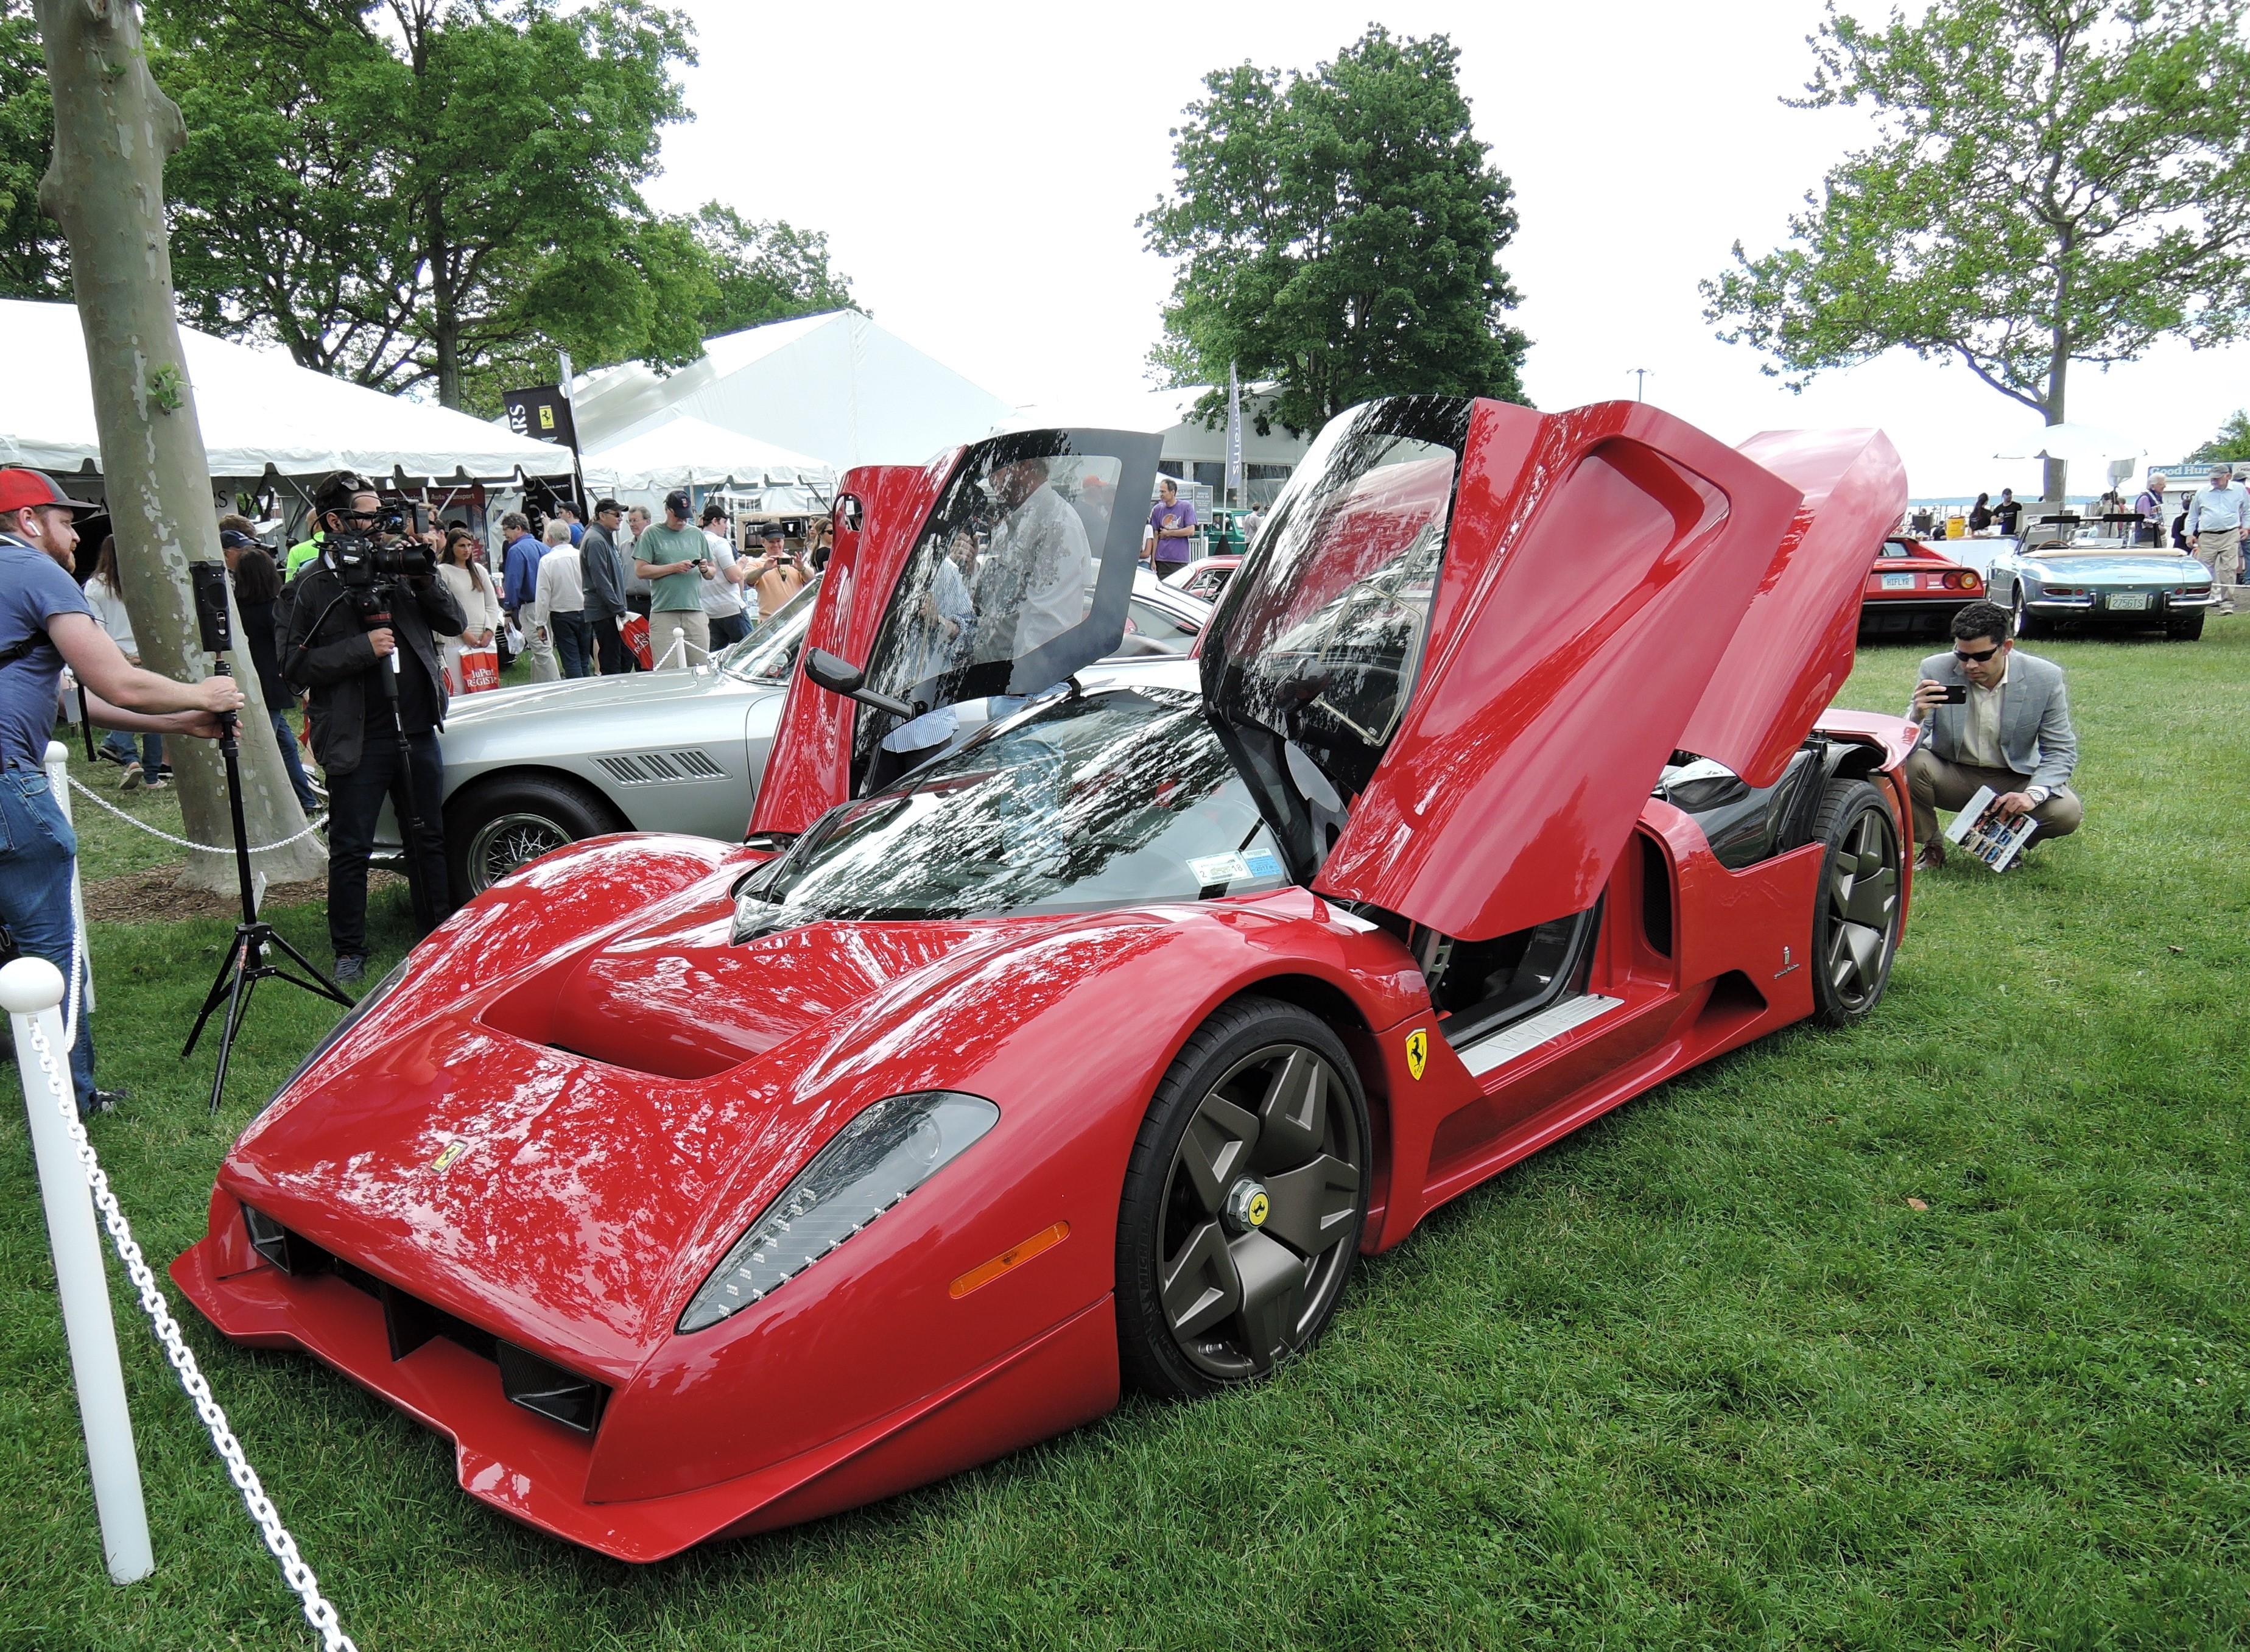 red Ferrari P4/5 - Greenwich Concours d'Elegance 2017